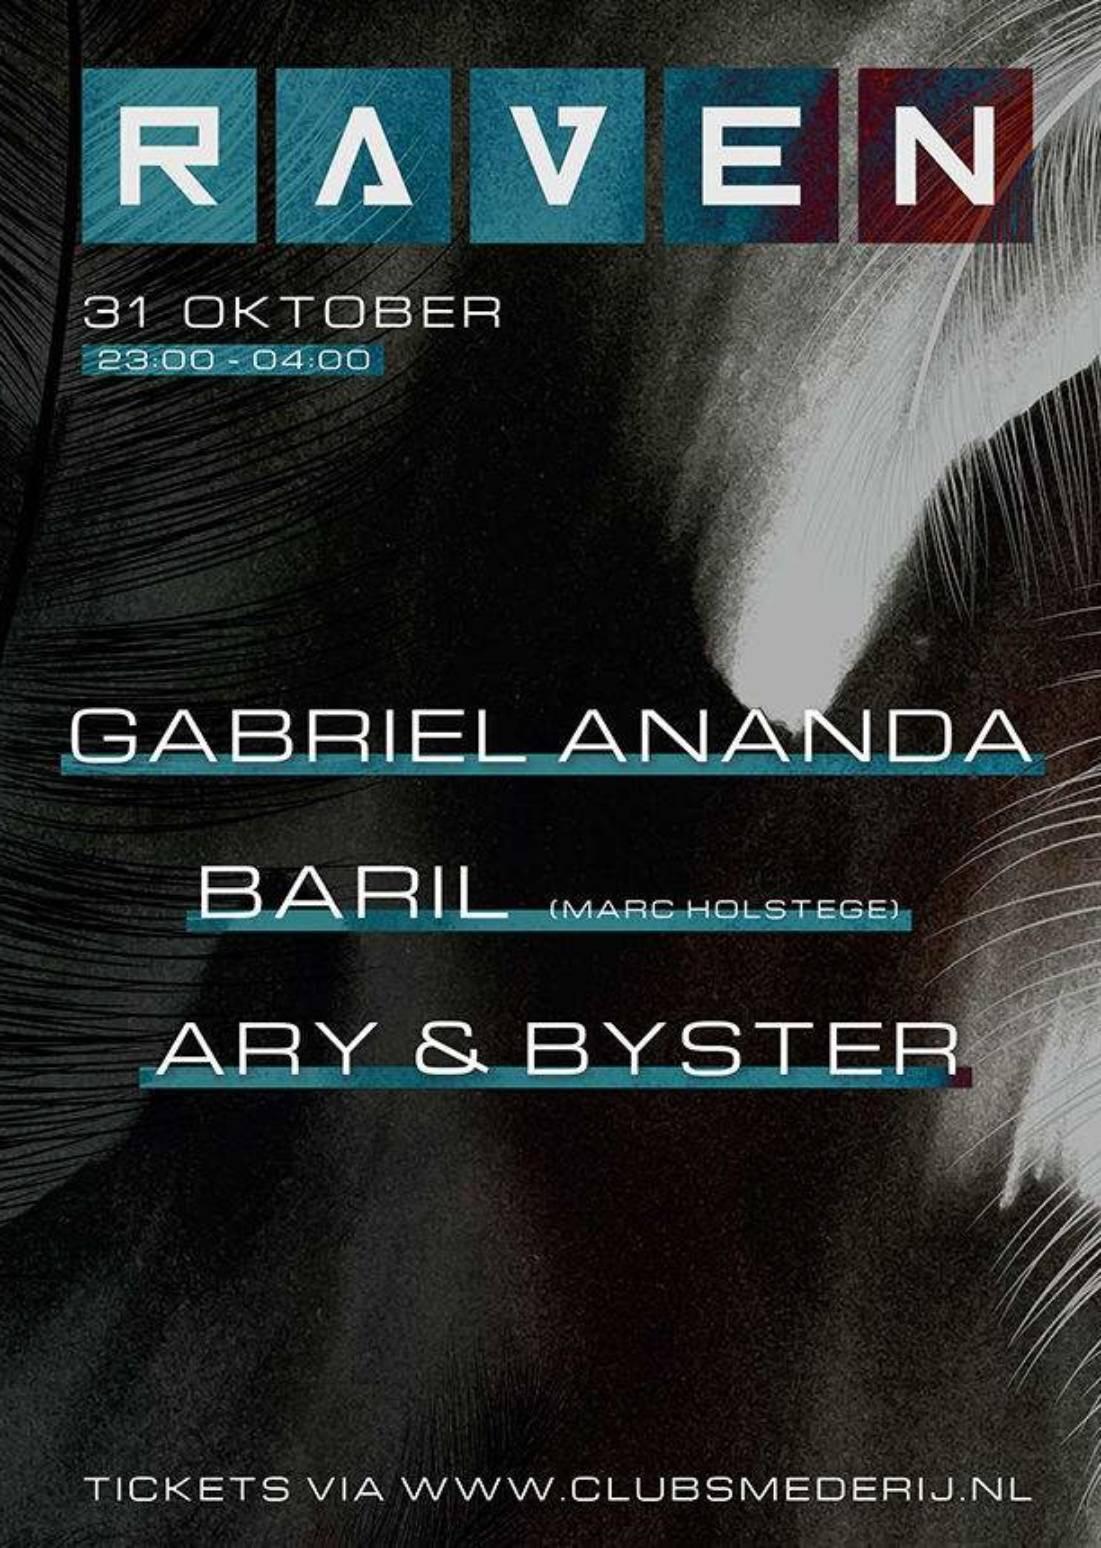 Raven Halloween w/ Gabriel Ananda & more